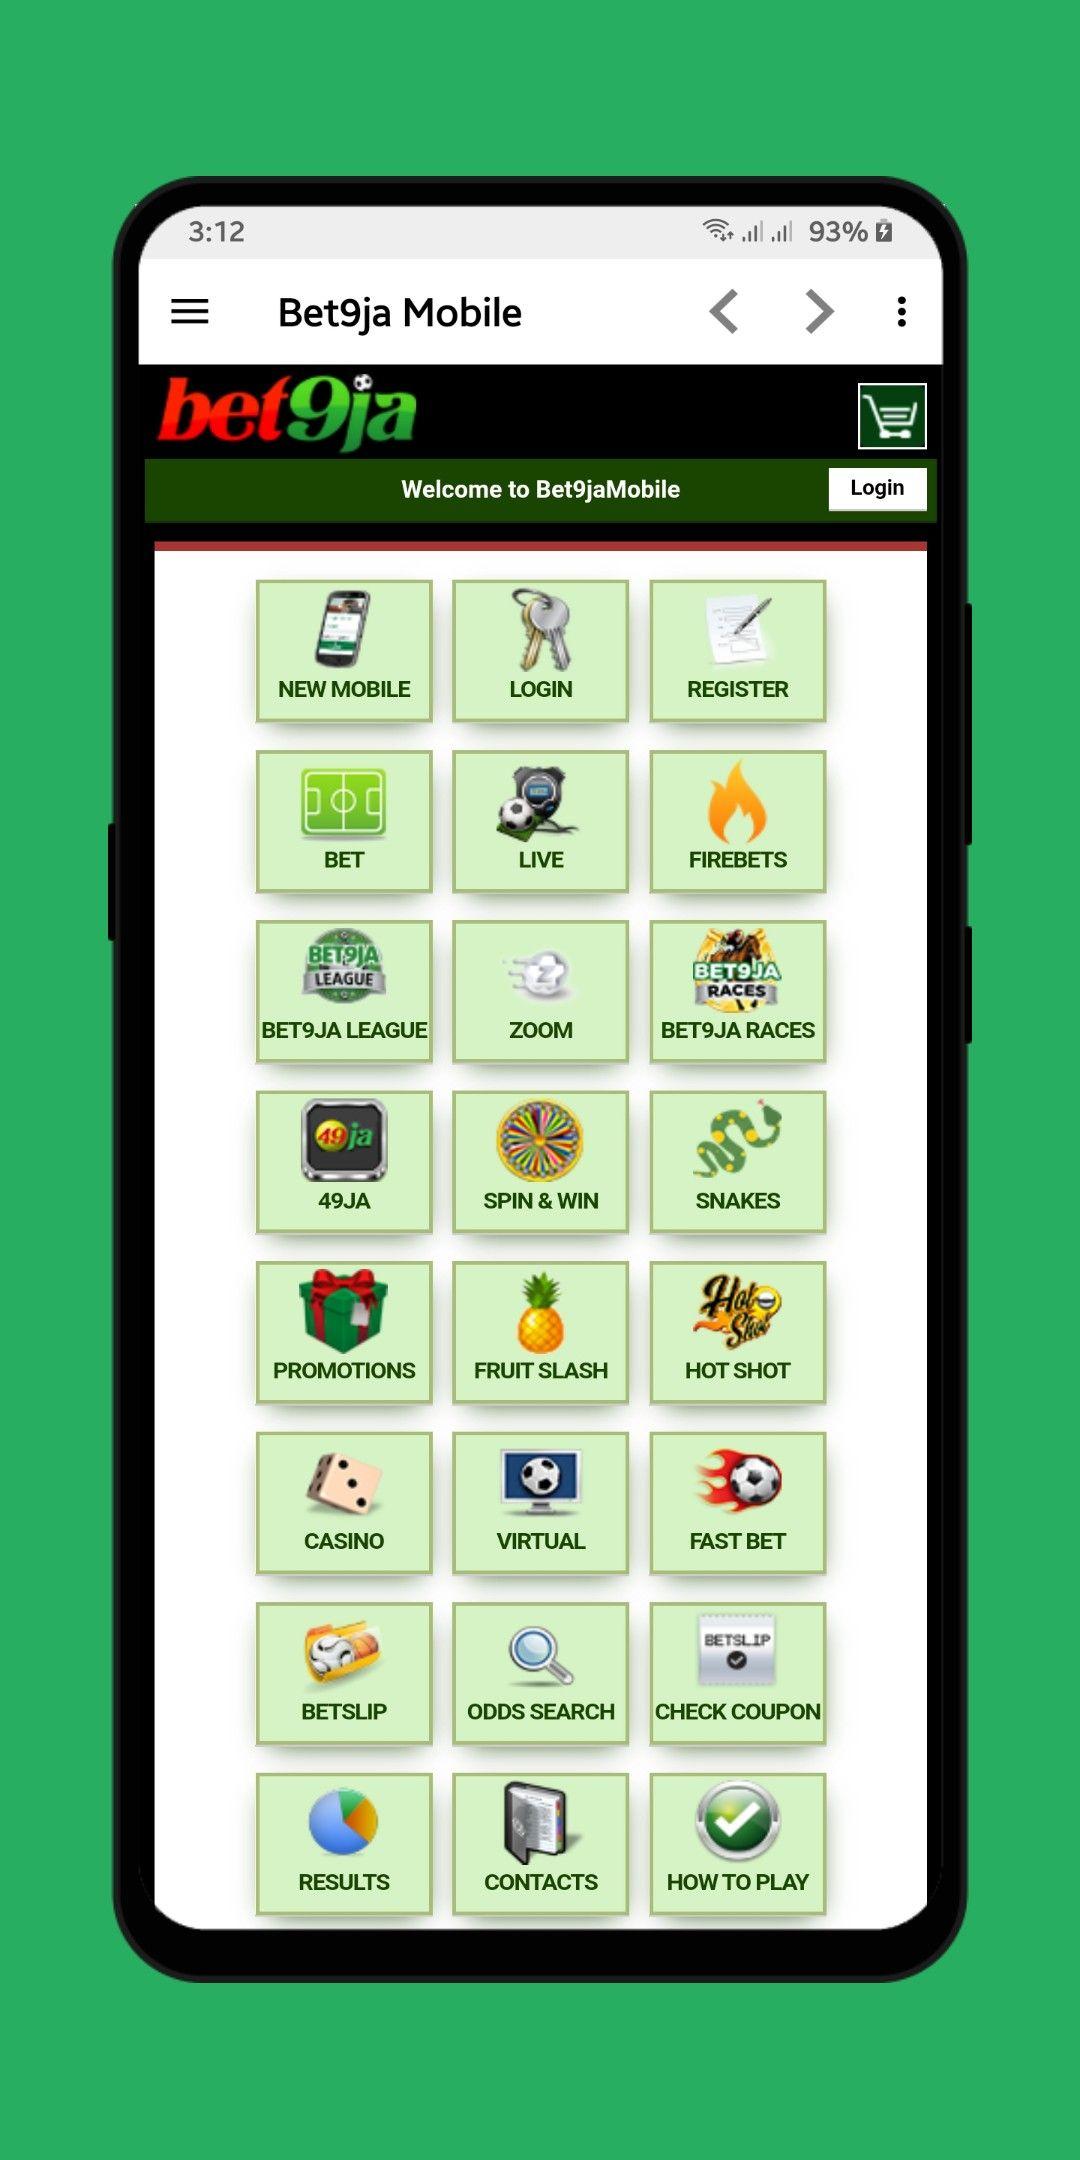 bet9ja mobile betting world